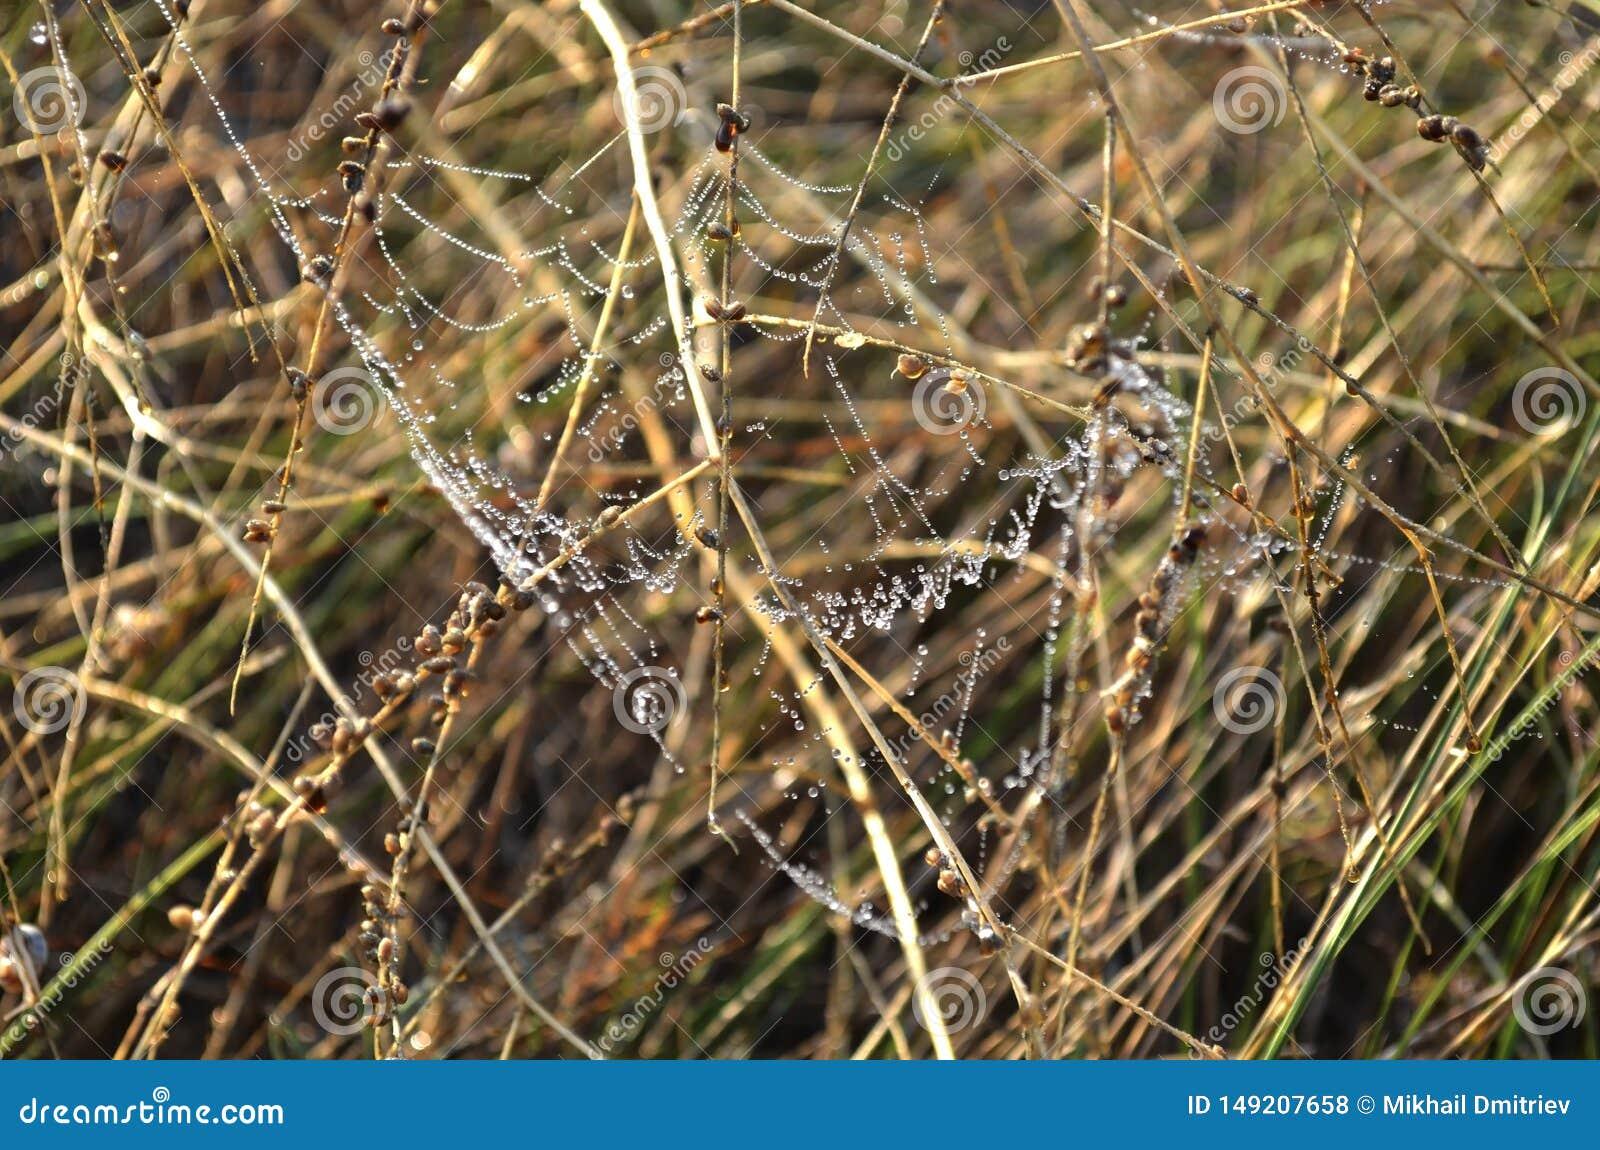 Tropfen des Morgentaus auf einem Netz unter trockenem gelbem Gras